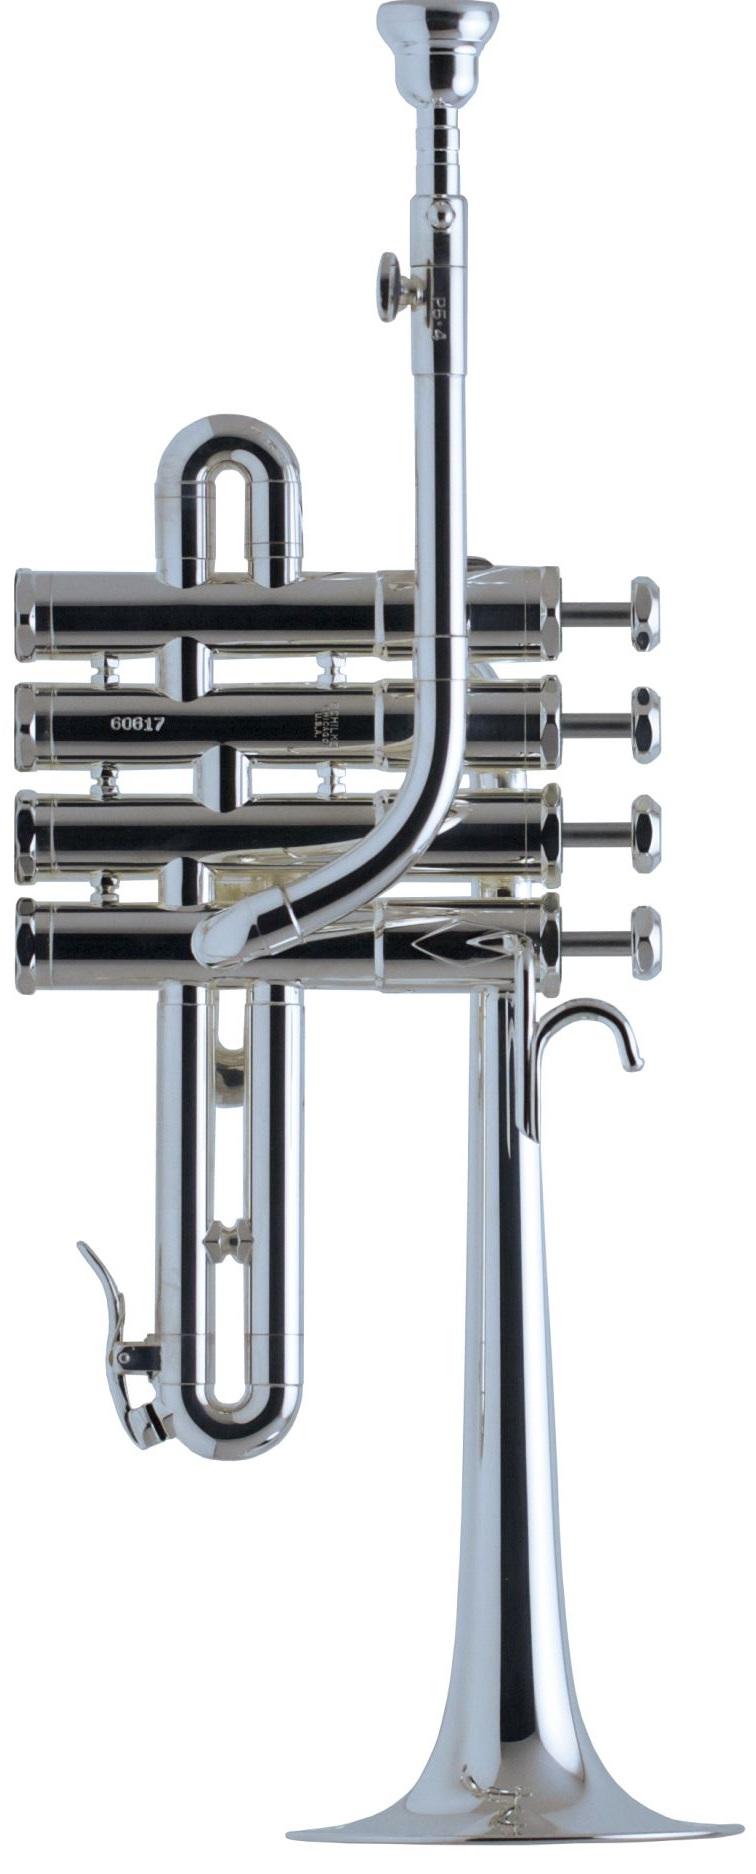 Schilke - P5 - 4 - Blechblasinstrumente - Trompeten mit Perinet-Ventilen | MUSIK BERTRAM Deutschland Freiburg